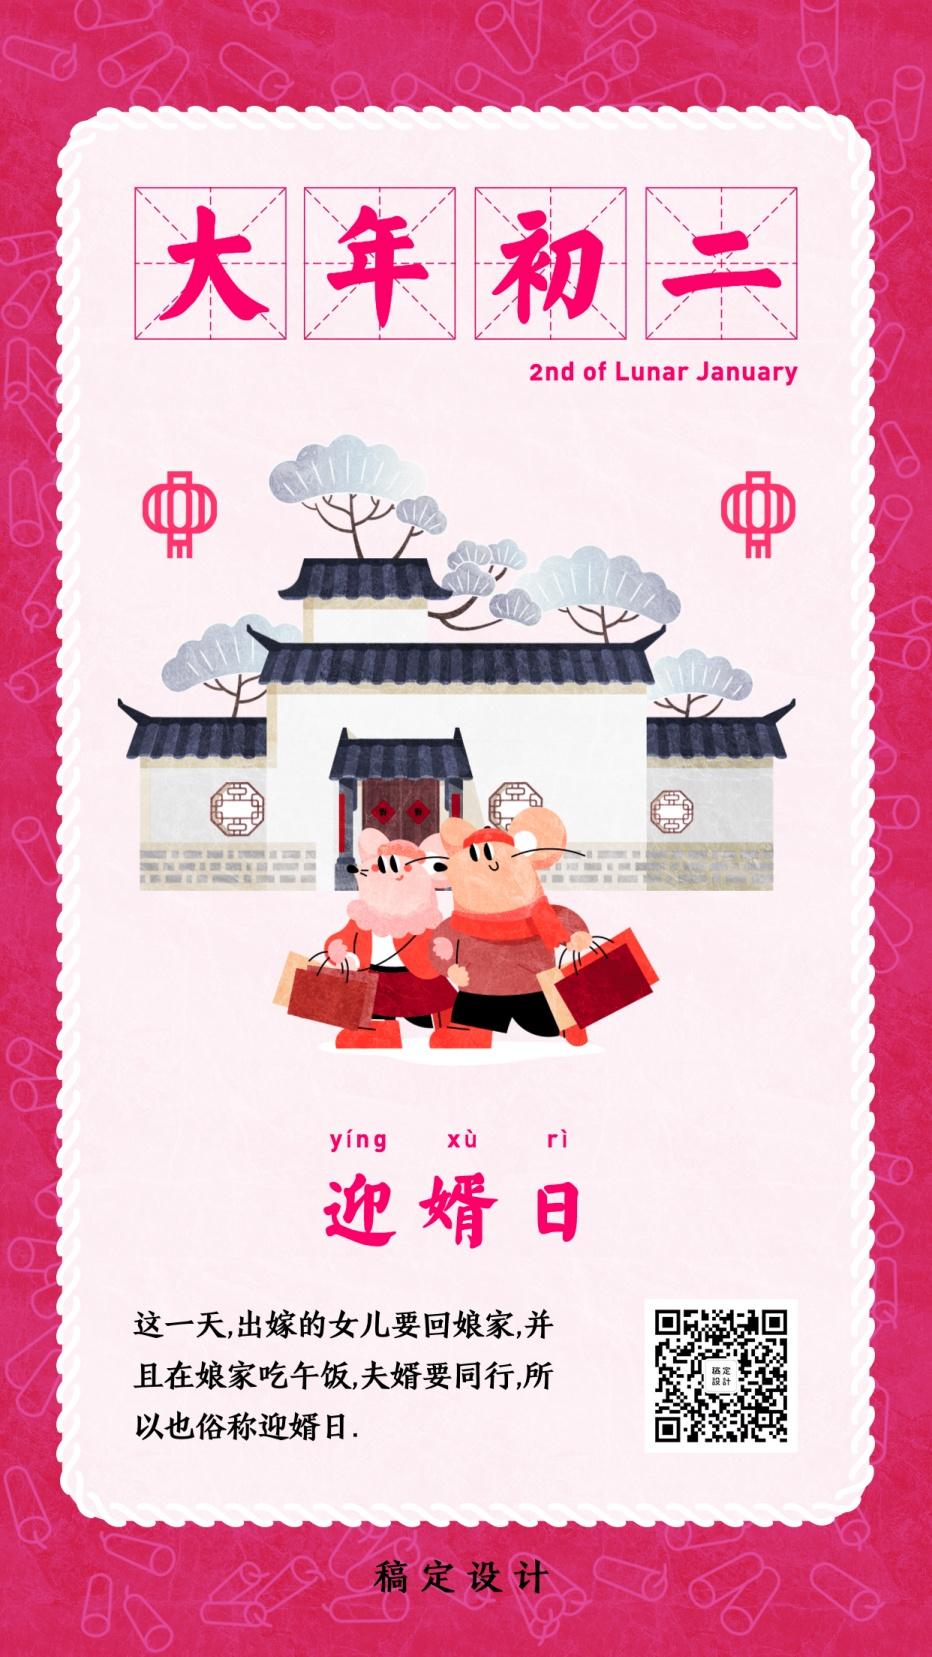 套系春节鼠年大年初二回娘家迎婿日习俗年俗手绘手机海报回娘家